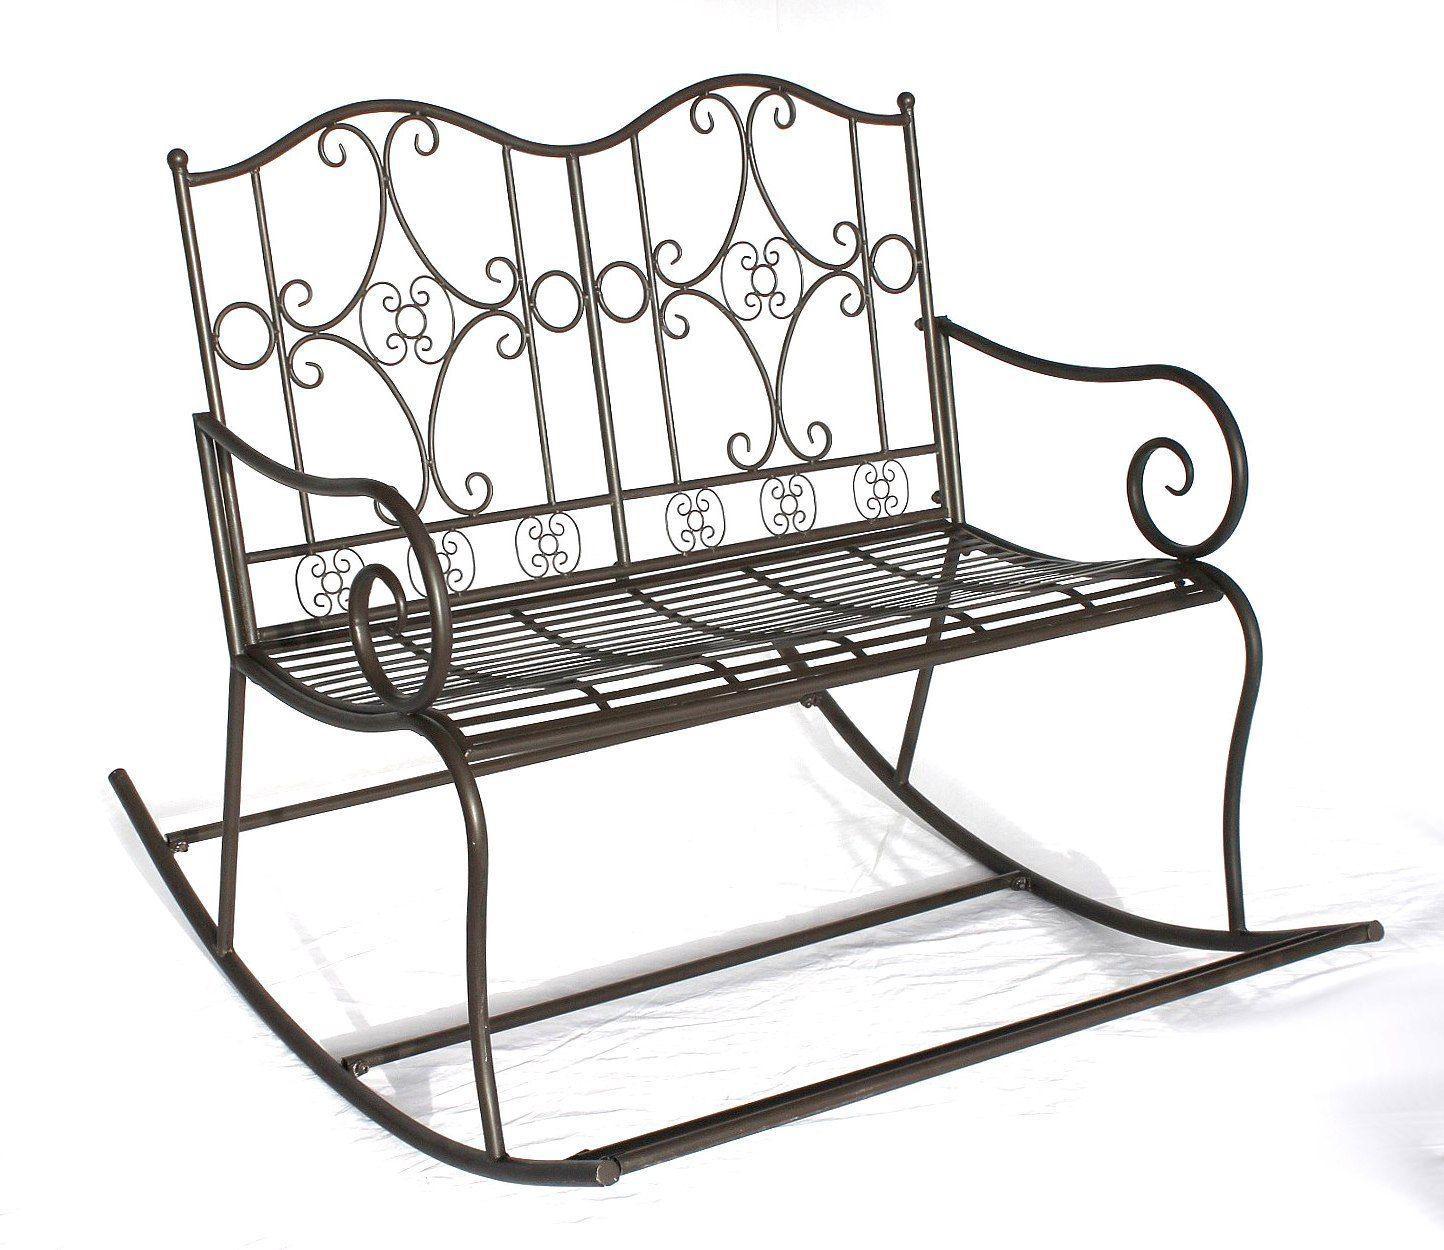 schaukelbank dy140489 gartenbank aus metall bank 105 cm sitzbank garten schaukel ebay. Black Bedroom Furniture Sets. Home Design Ideas